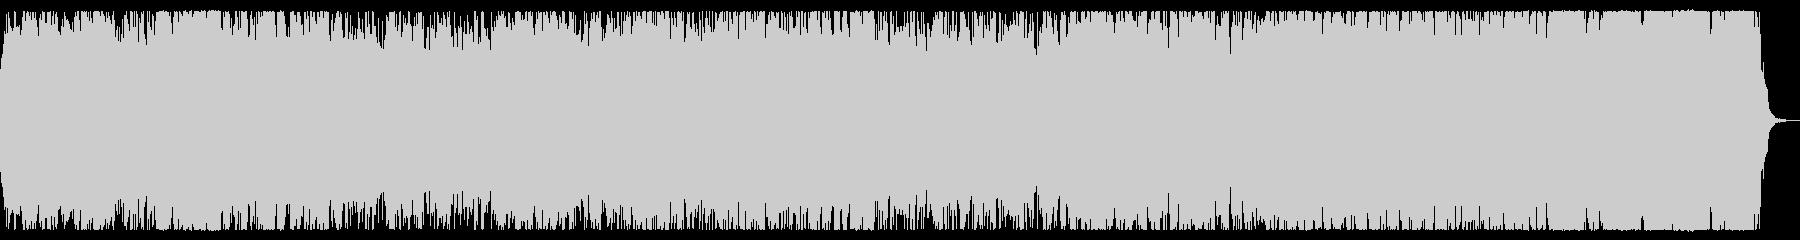 戦地へ向かうイメージのオーケストラBGMの未再生の波形